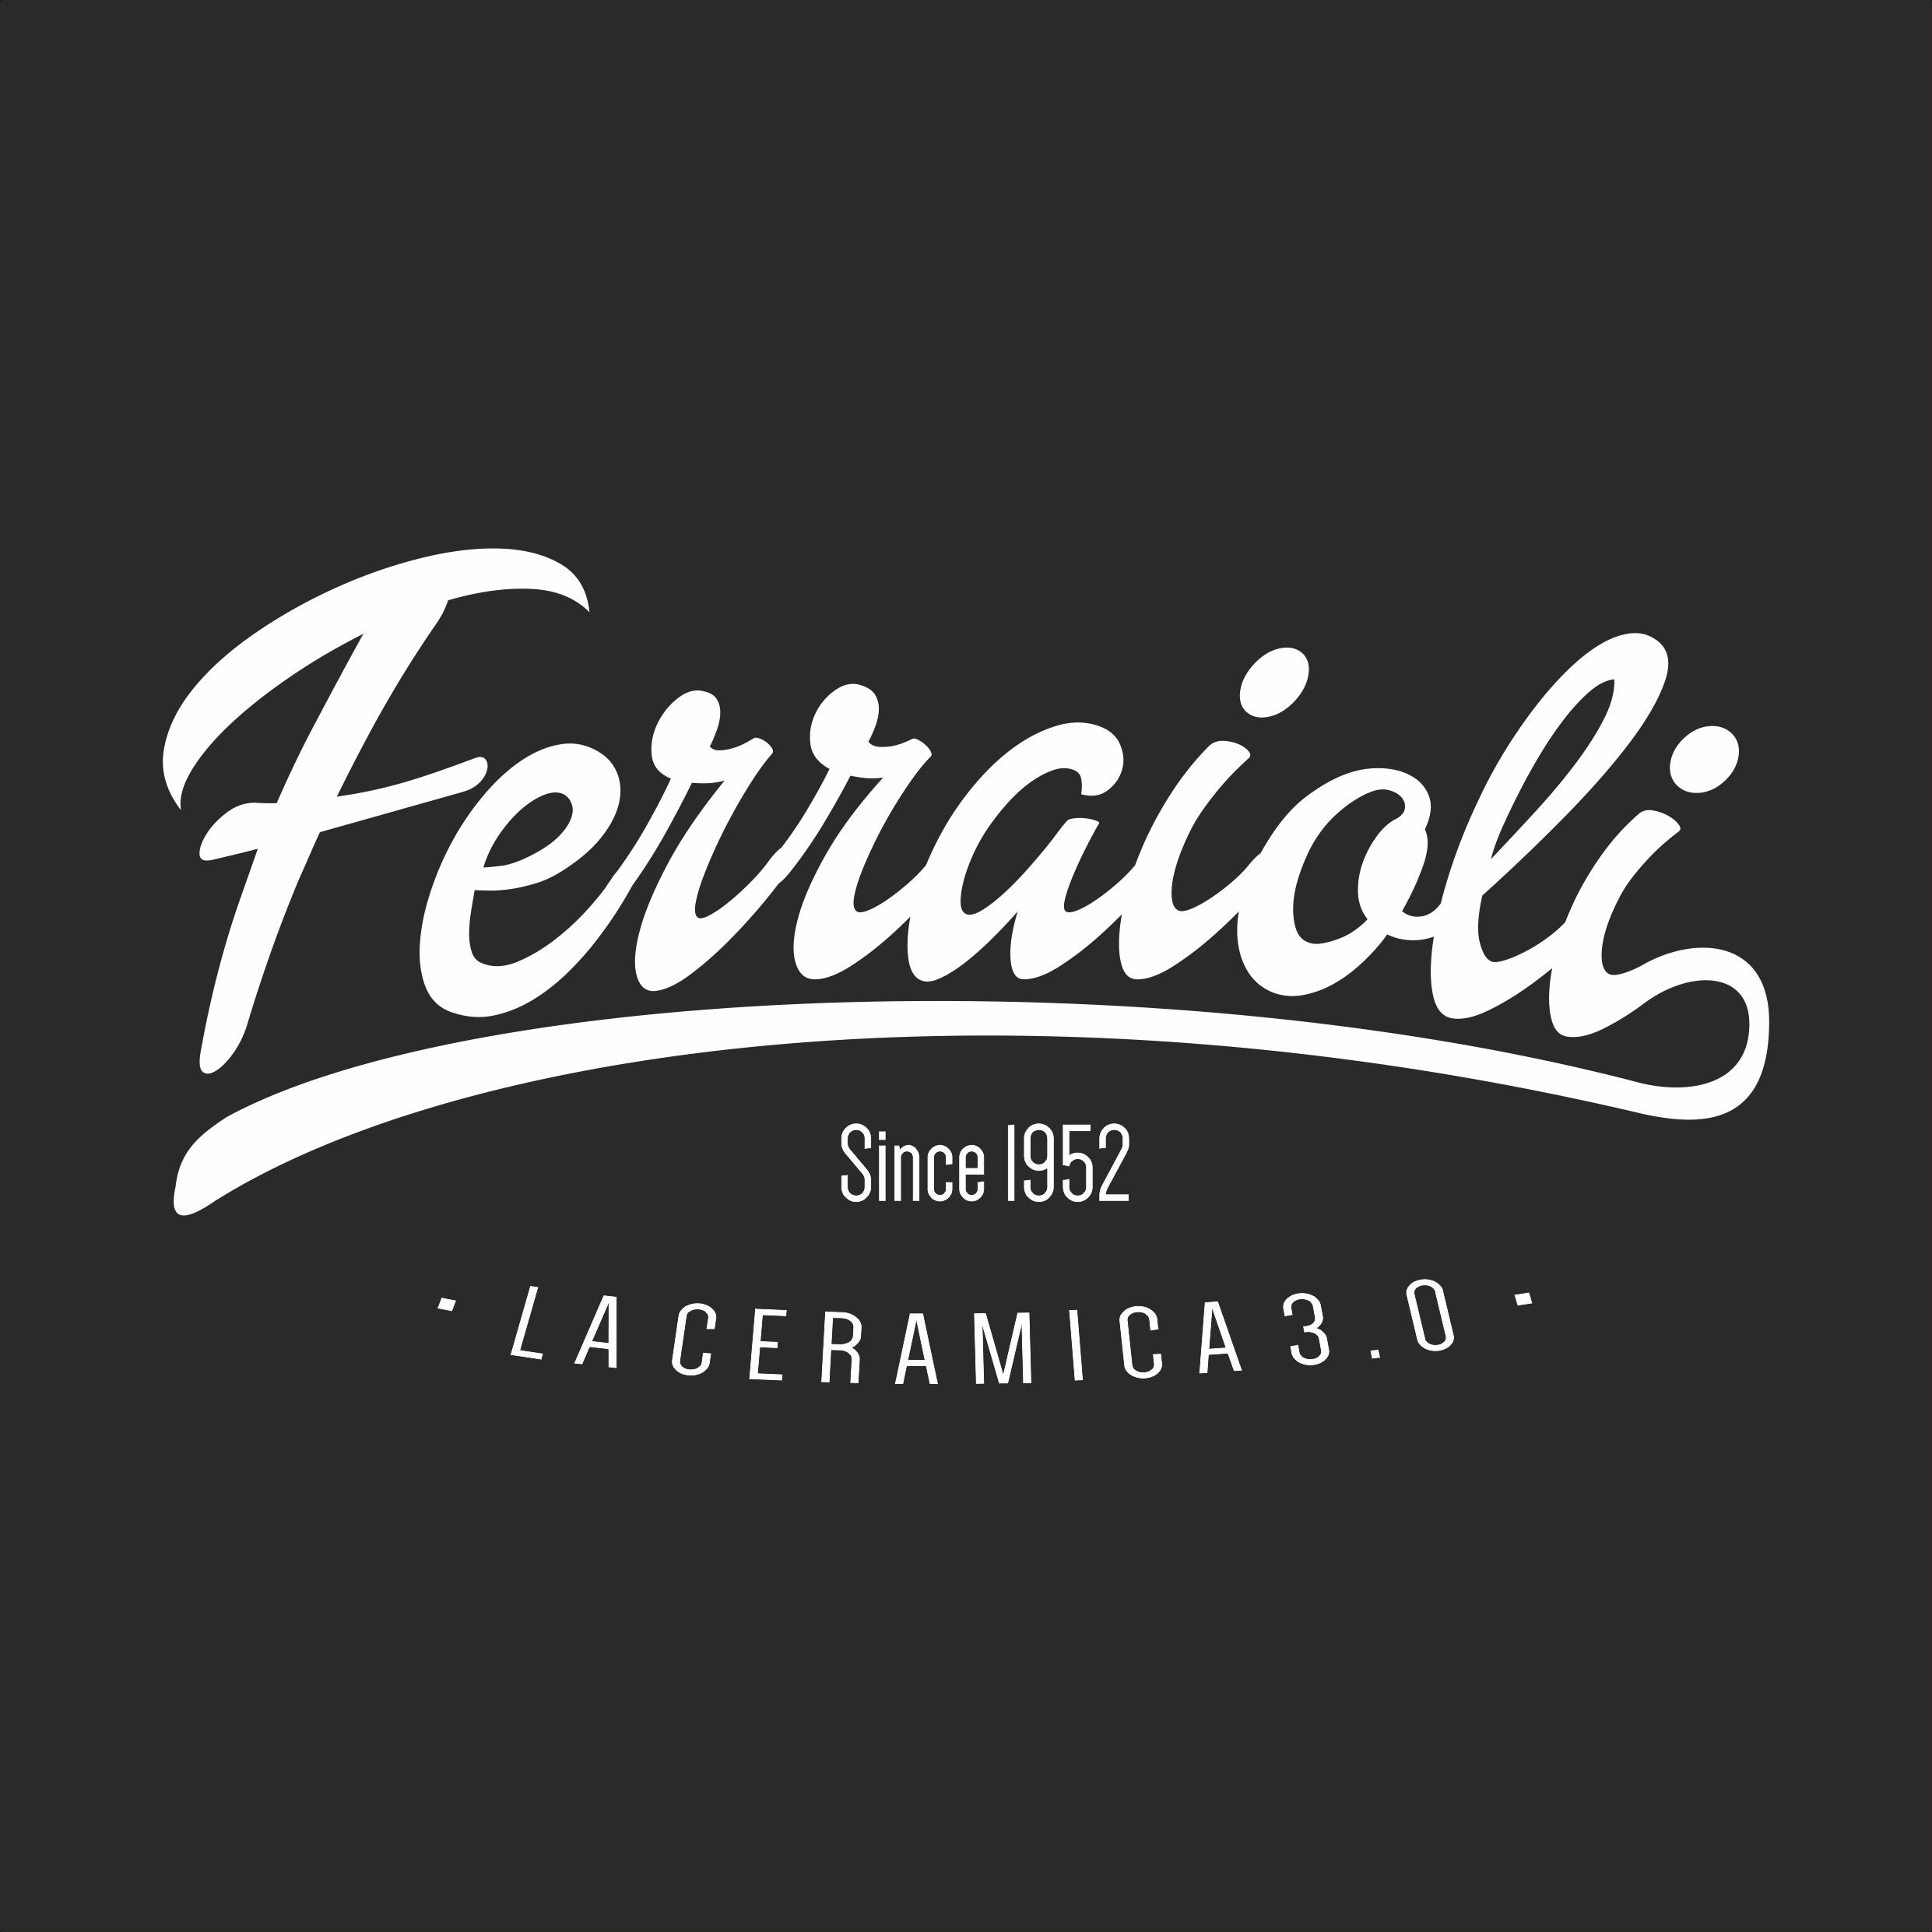 Ceramiche 3.0 di Ferraioli Eleonora logo